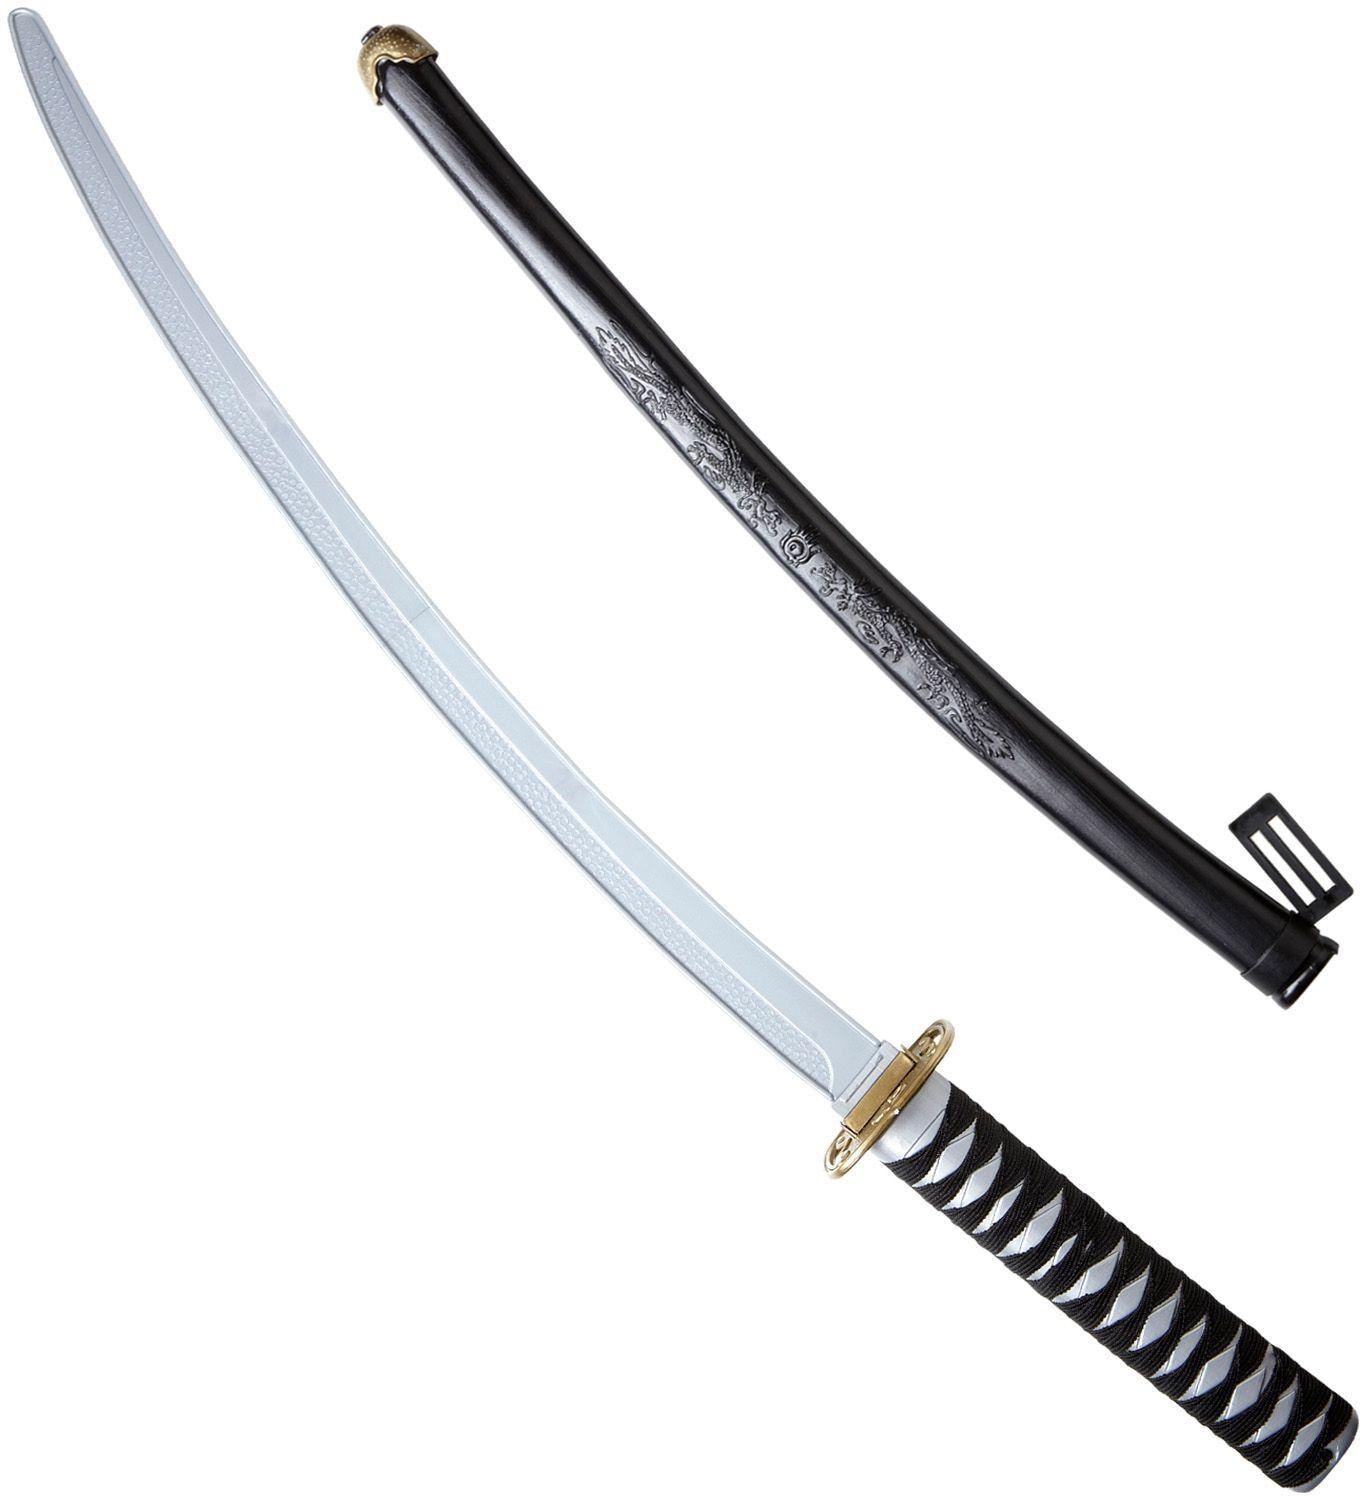 Samurai zwaard met schede